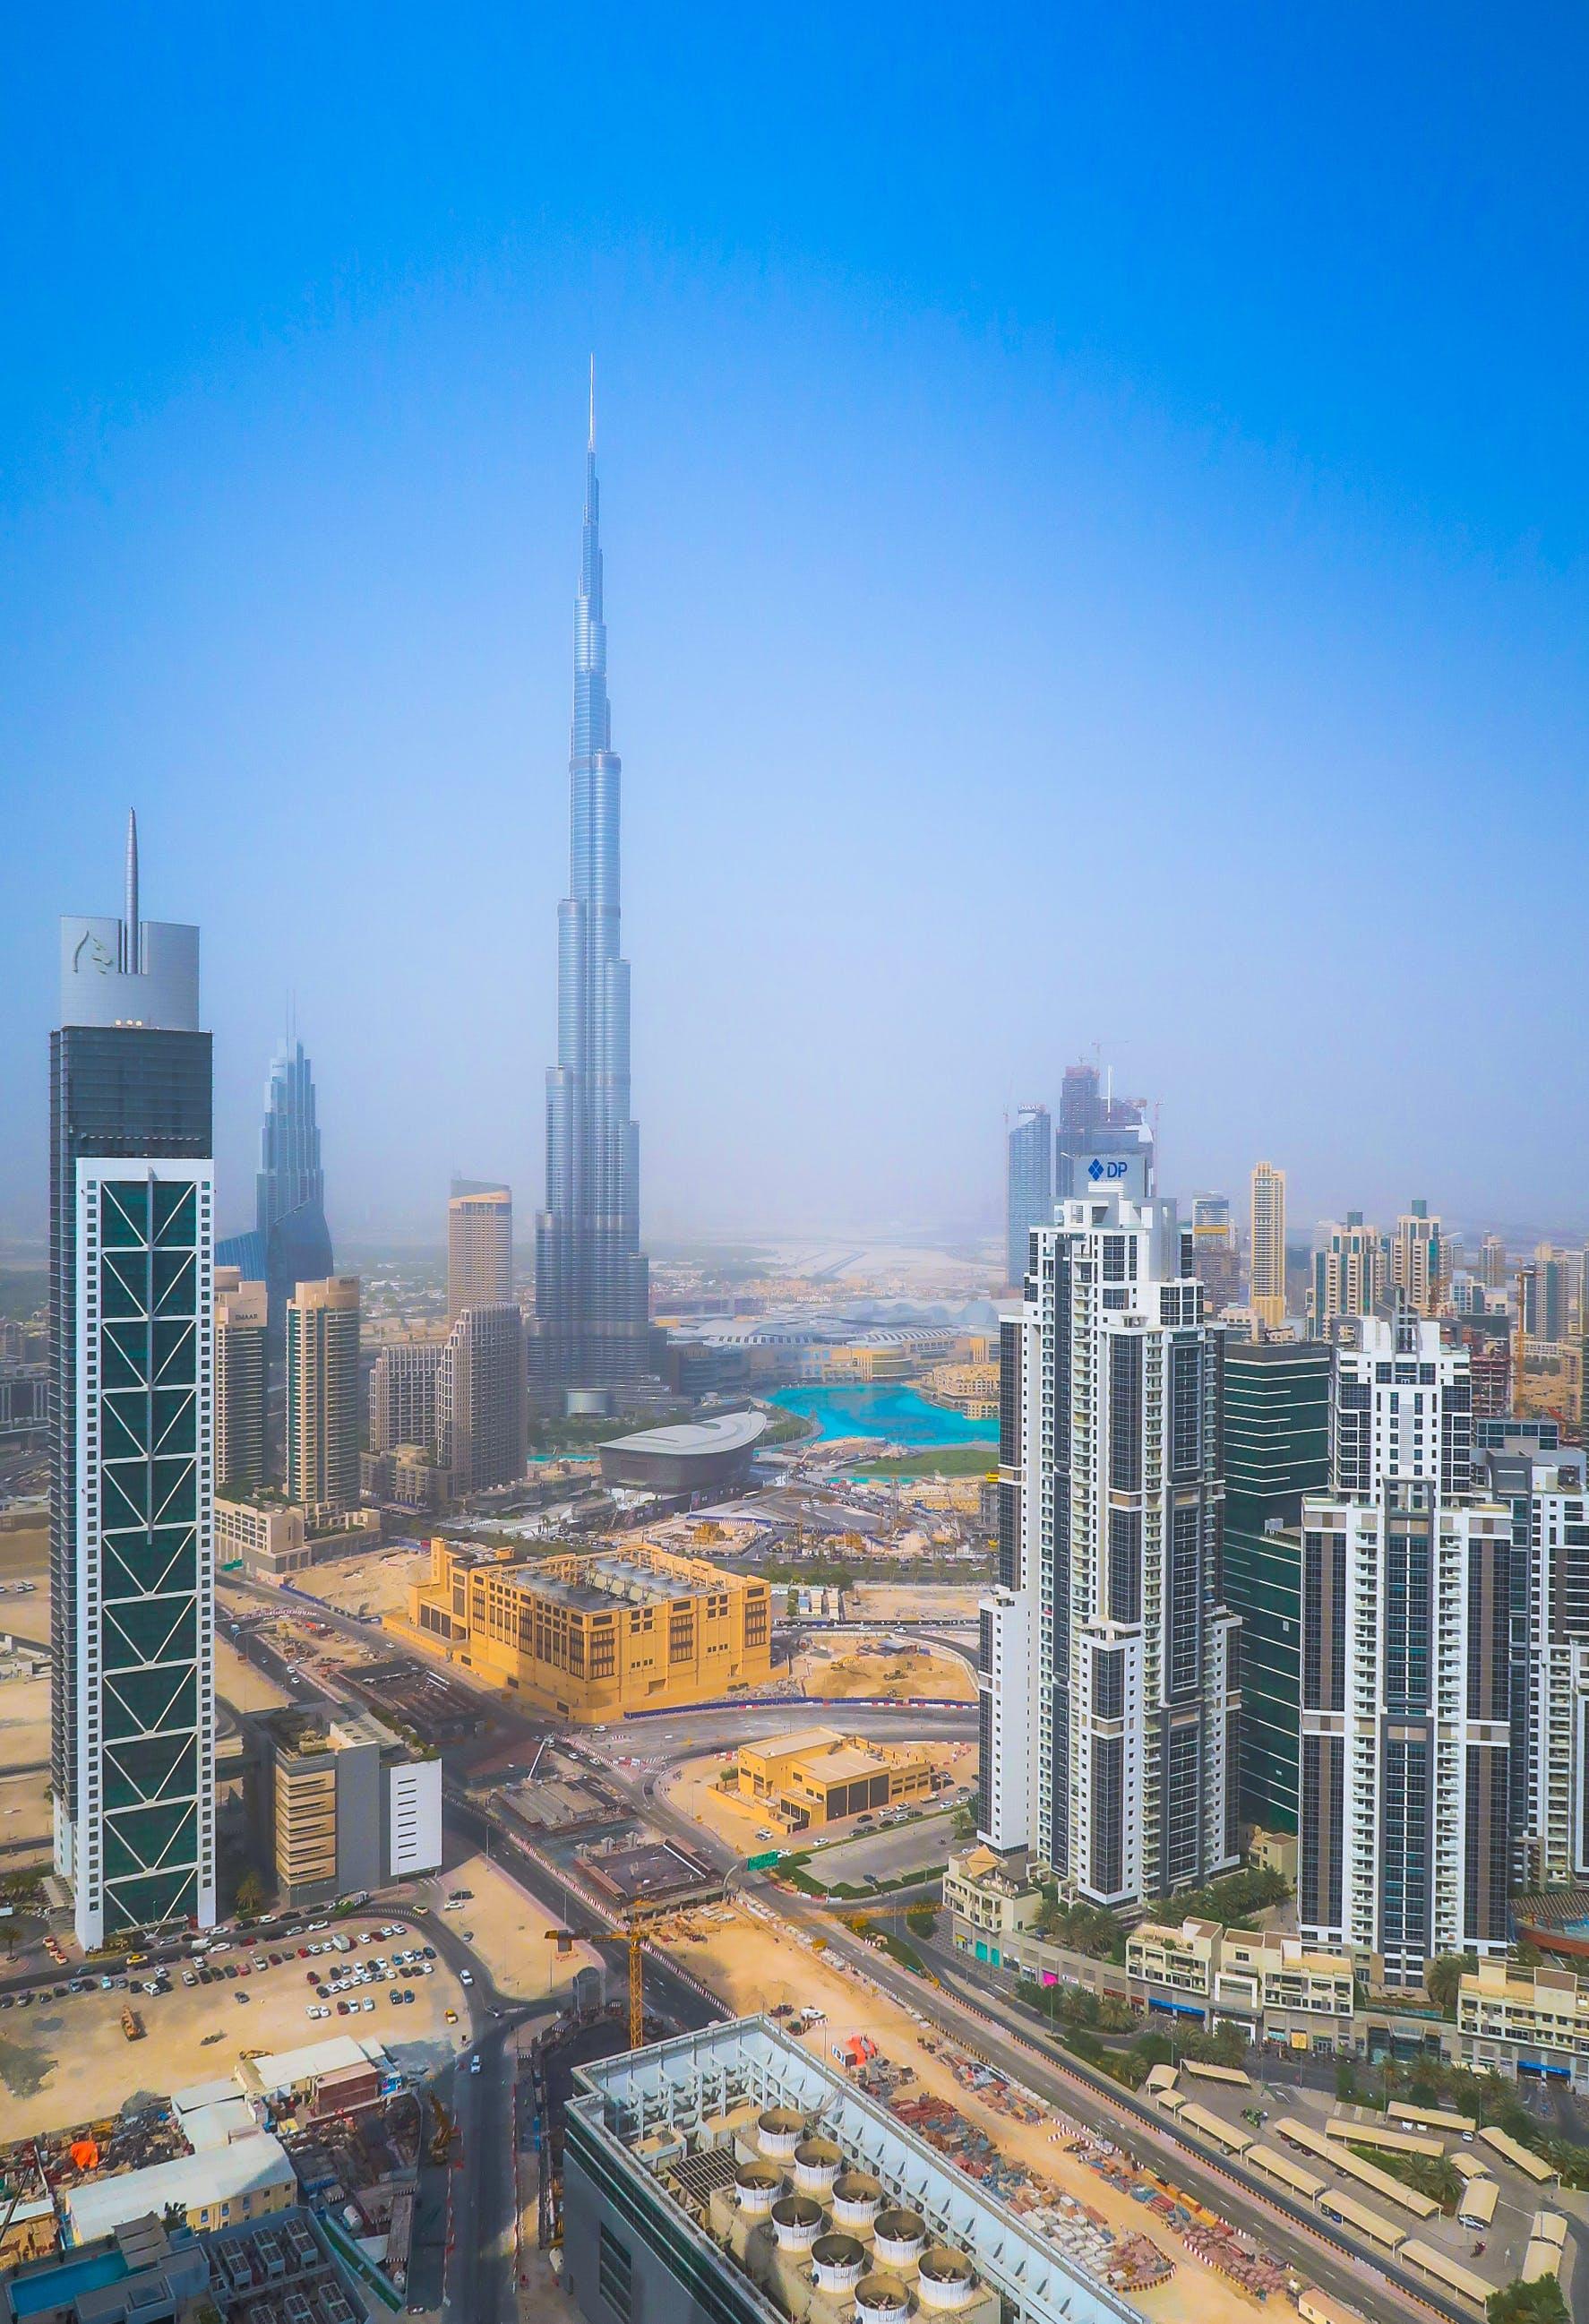 Fotos de stock gratuitas de alto, arquitectura, Burj Khalifa, ciudad